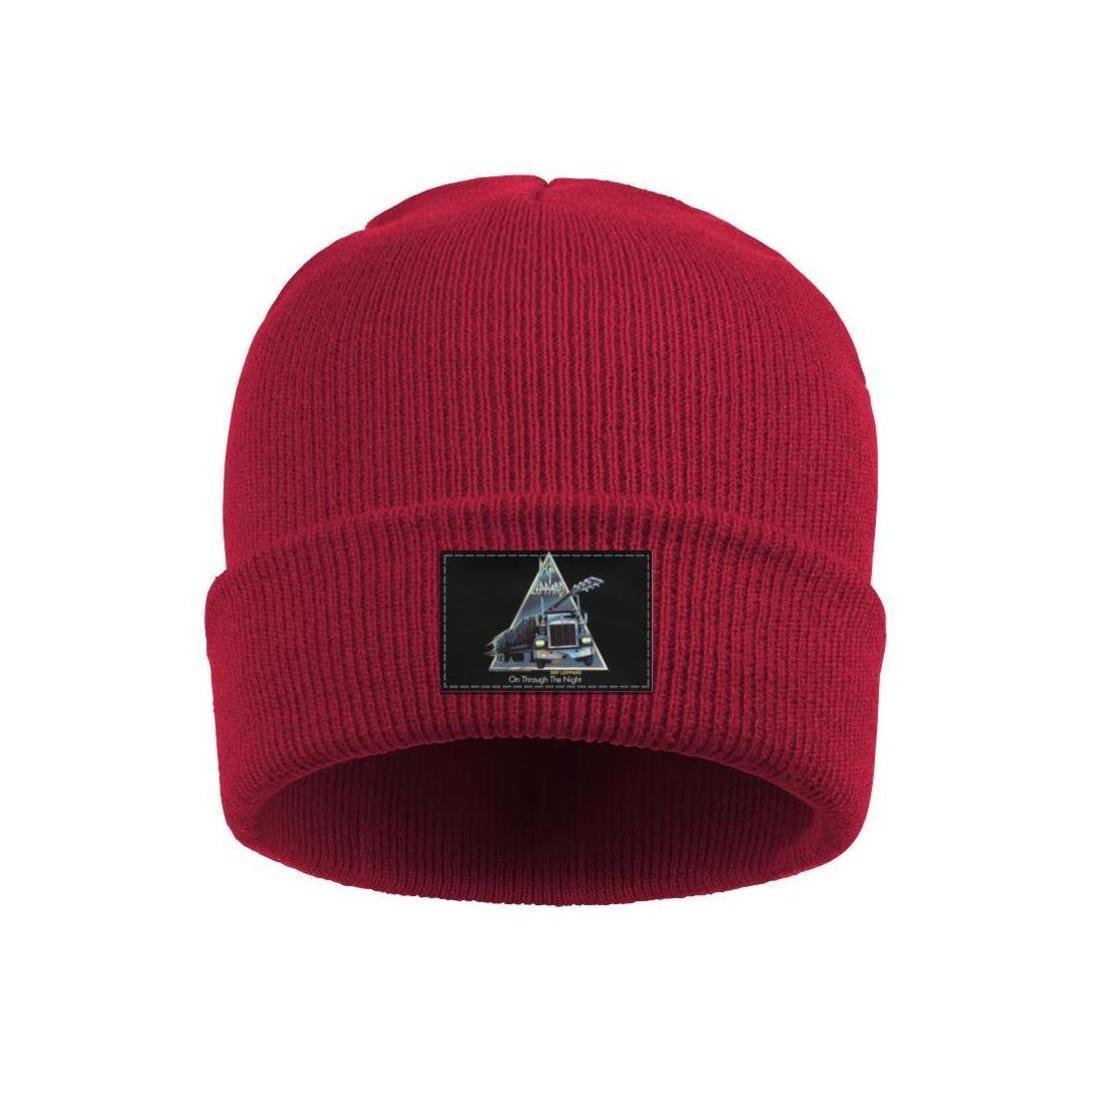 Mode Def Leppard-T-Shirt auf die ganze Nacht hindurch, lässige Mütze Schädel Mützen Straßen-Tanzen HYSTERIA 30TH ANNIVERSARY EDITIONS Rockband 4